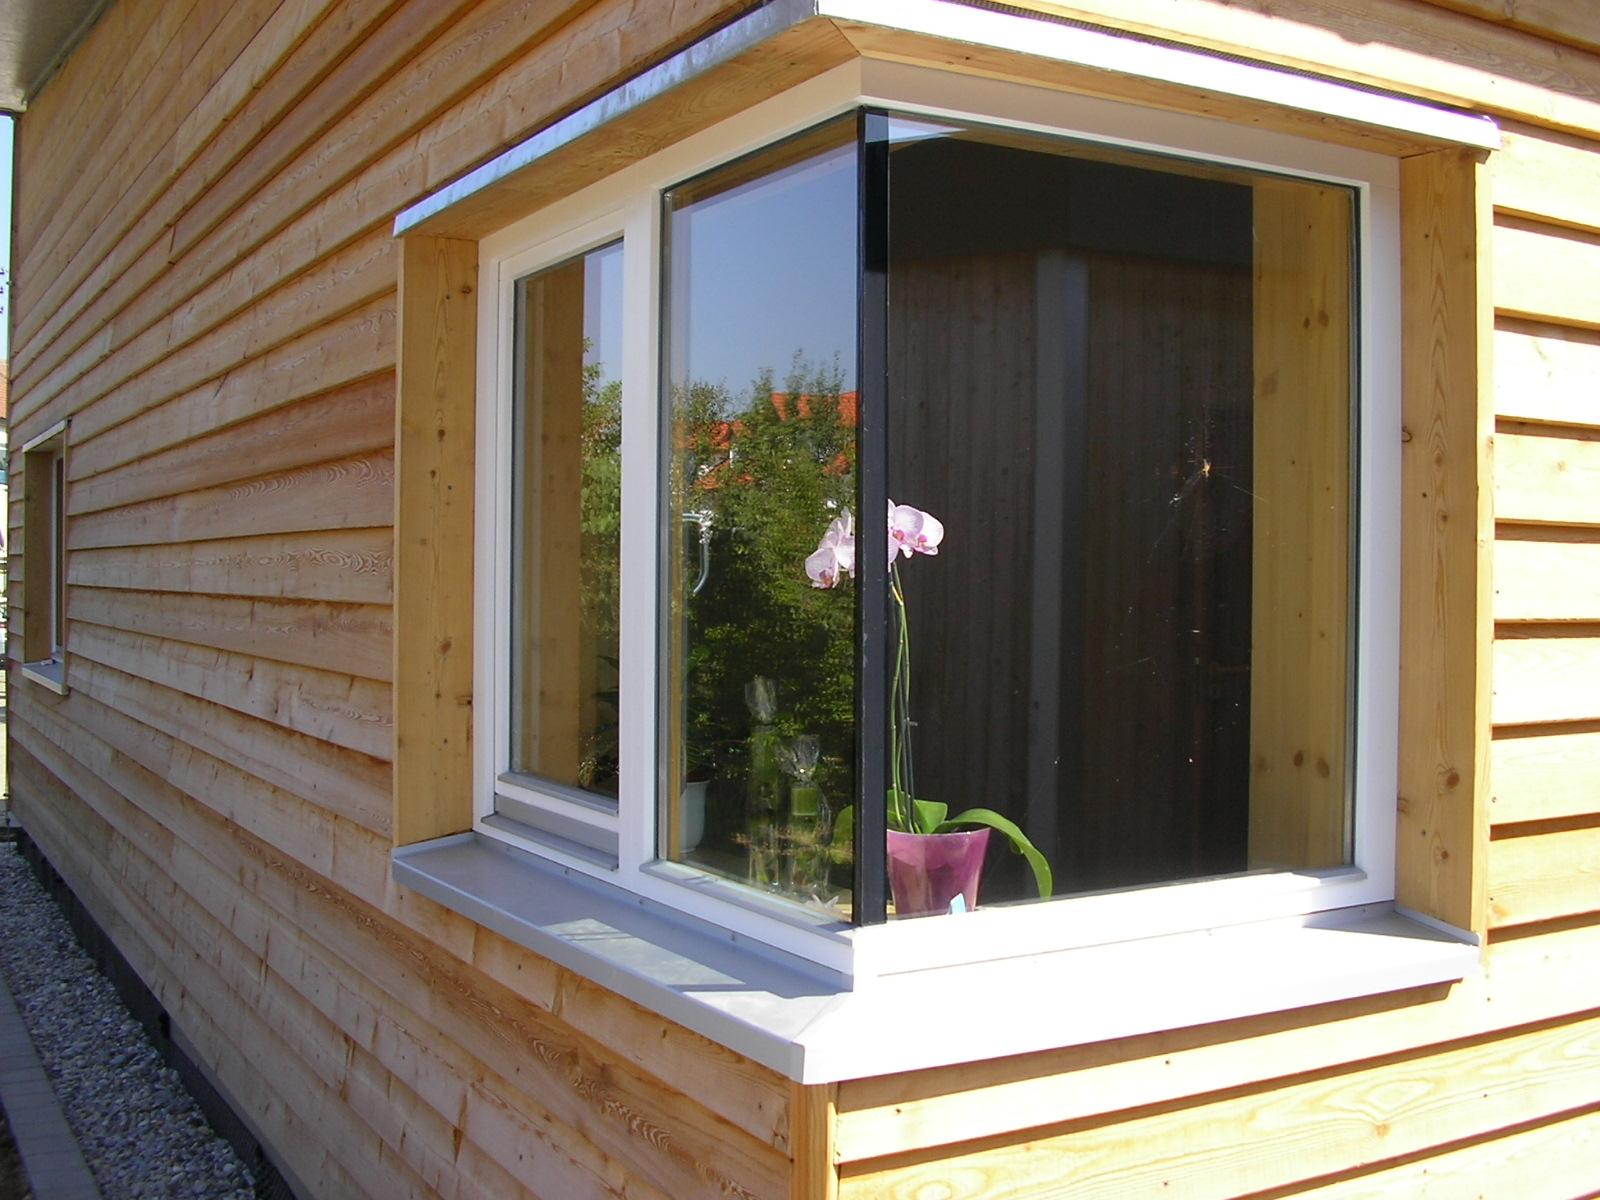 Mack schreinerei fenster und m belbau ochsenfeld for Holzfenster kunststofffenster